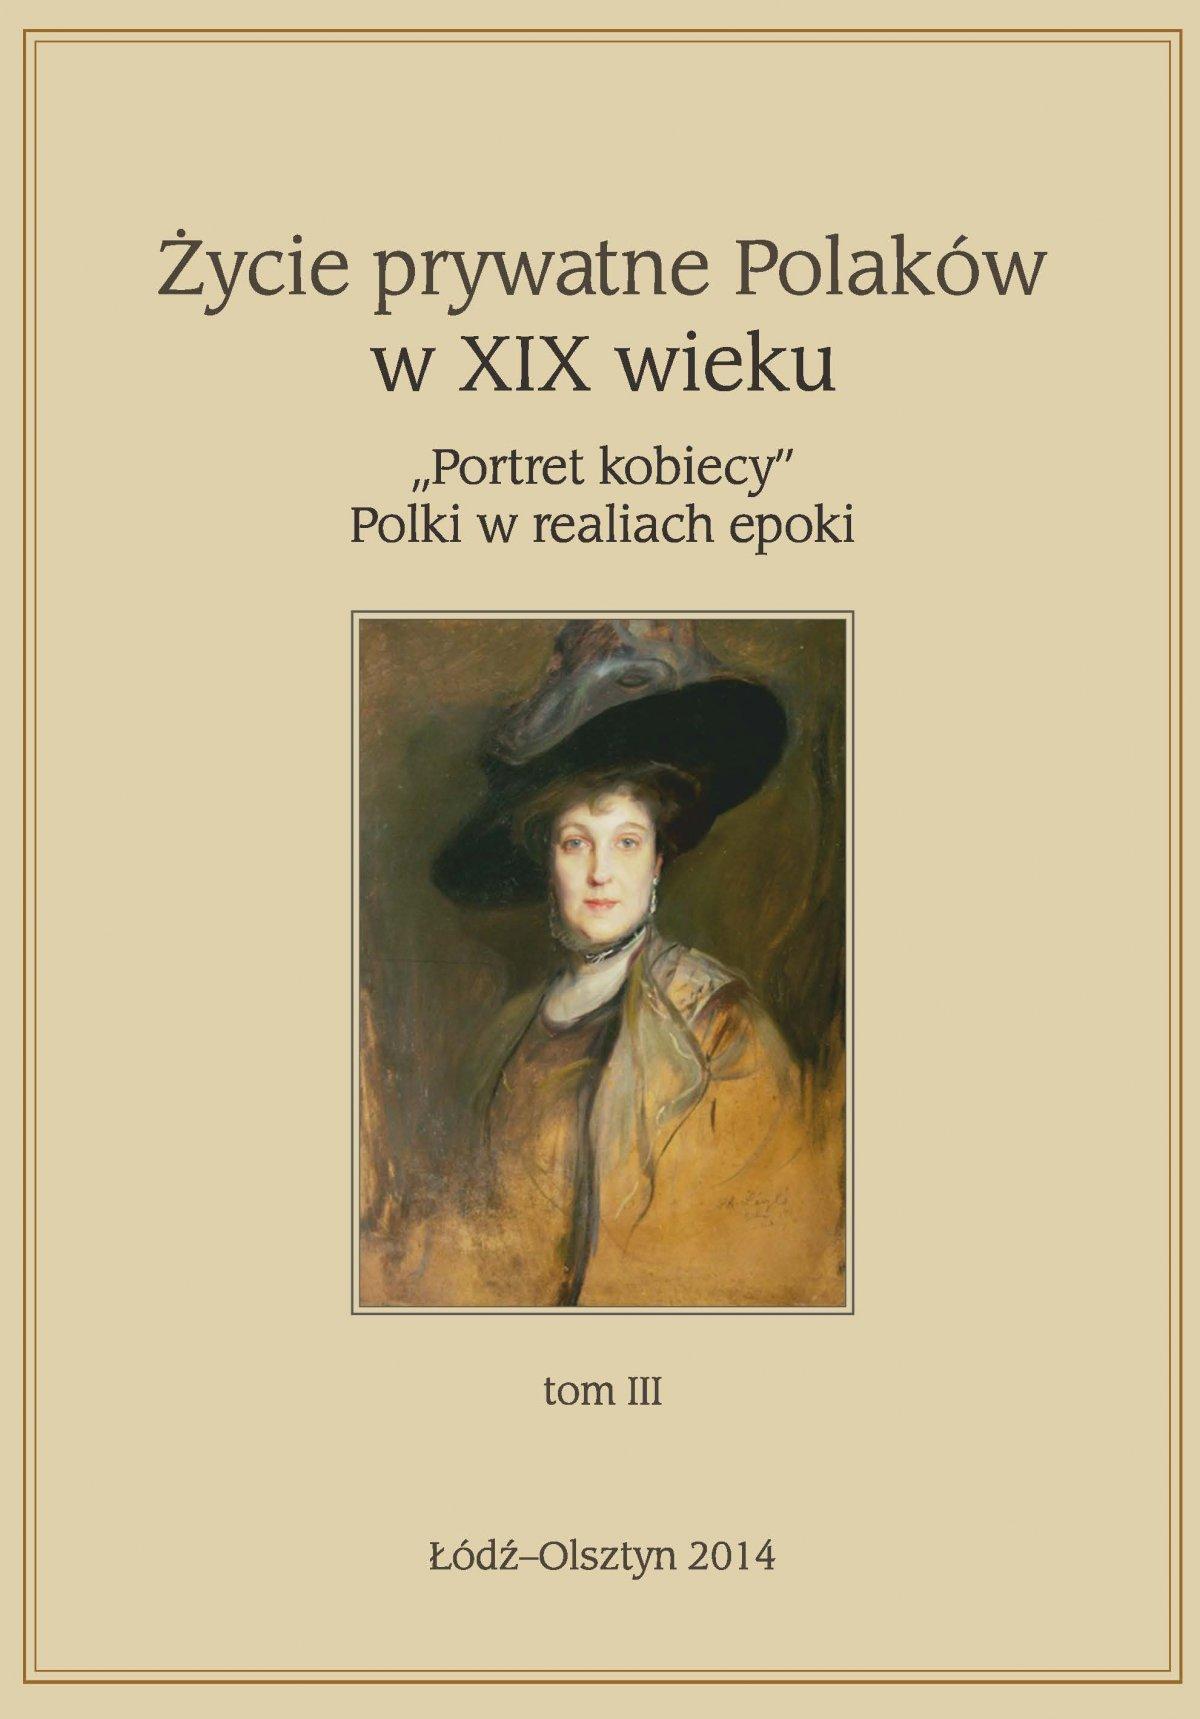 """Życie prywatne Polaków w XIX w. """"Portret kobiecy"""" Polki w realiach epoki. Tom 3 - Ebook (Książka EPUB) do pobrania w formacie EPUB"""